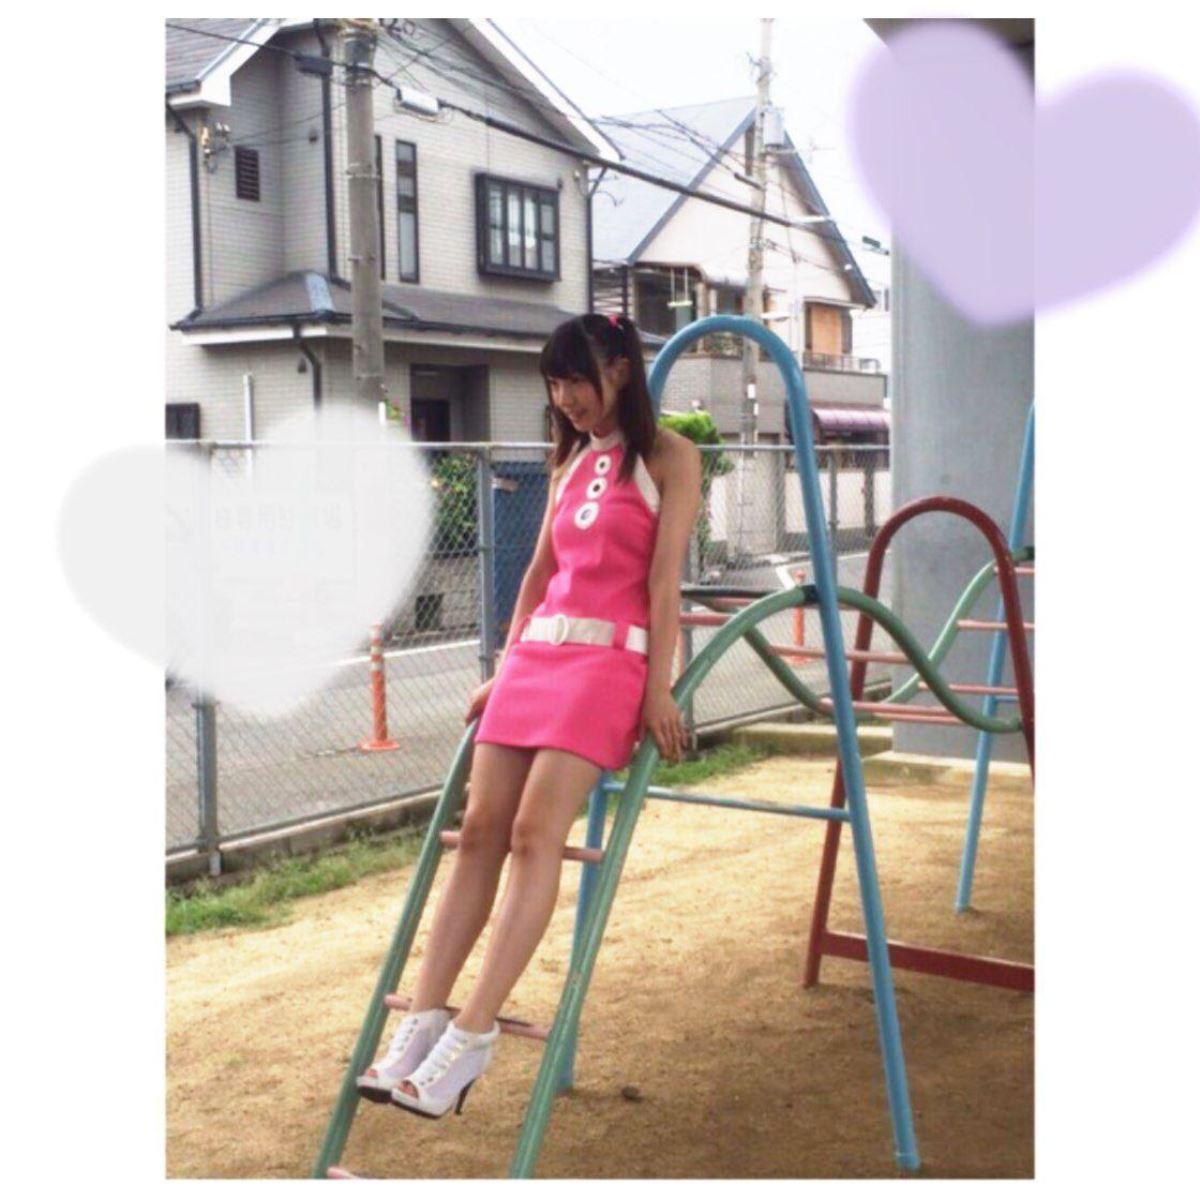 太田夢莉 1万年に1人 可愛い アイドル 水着 画像 44